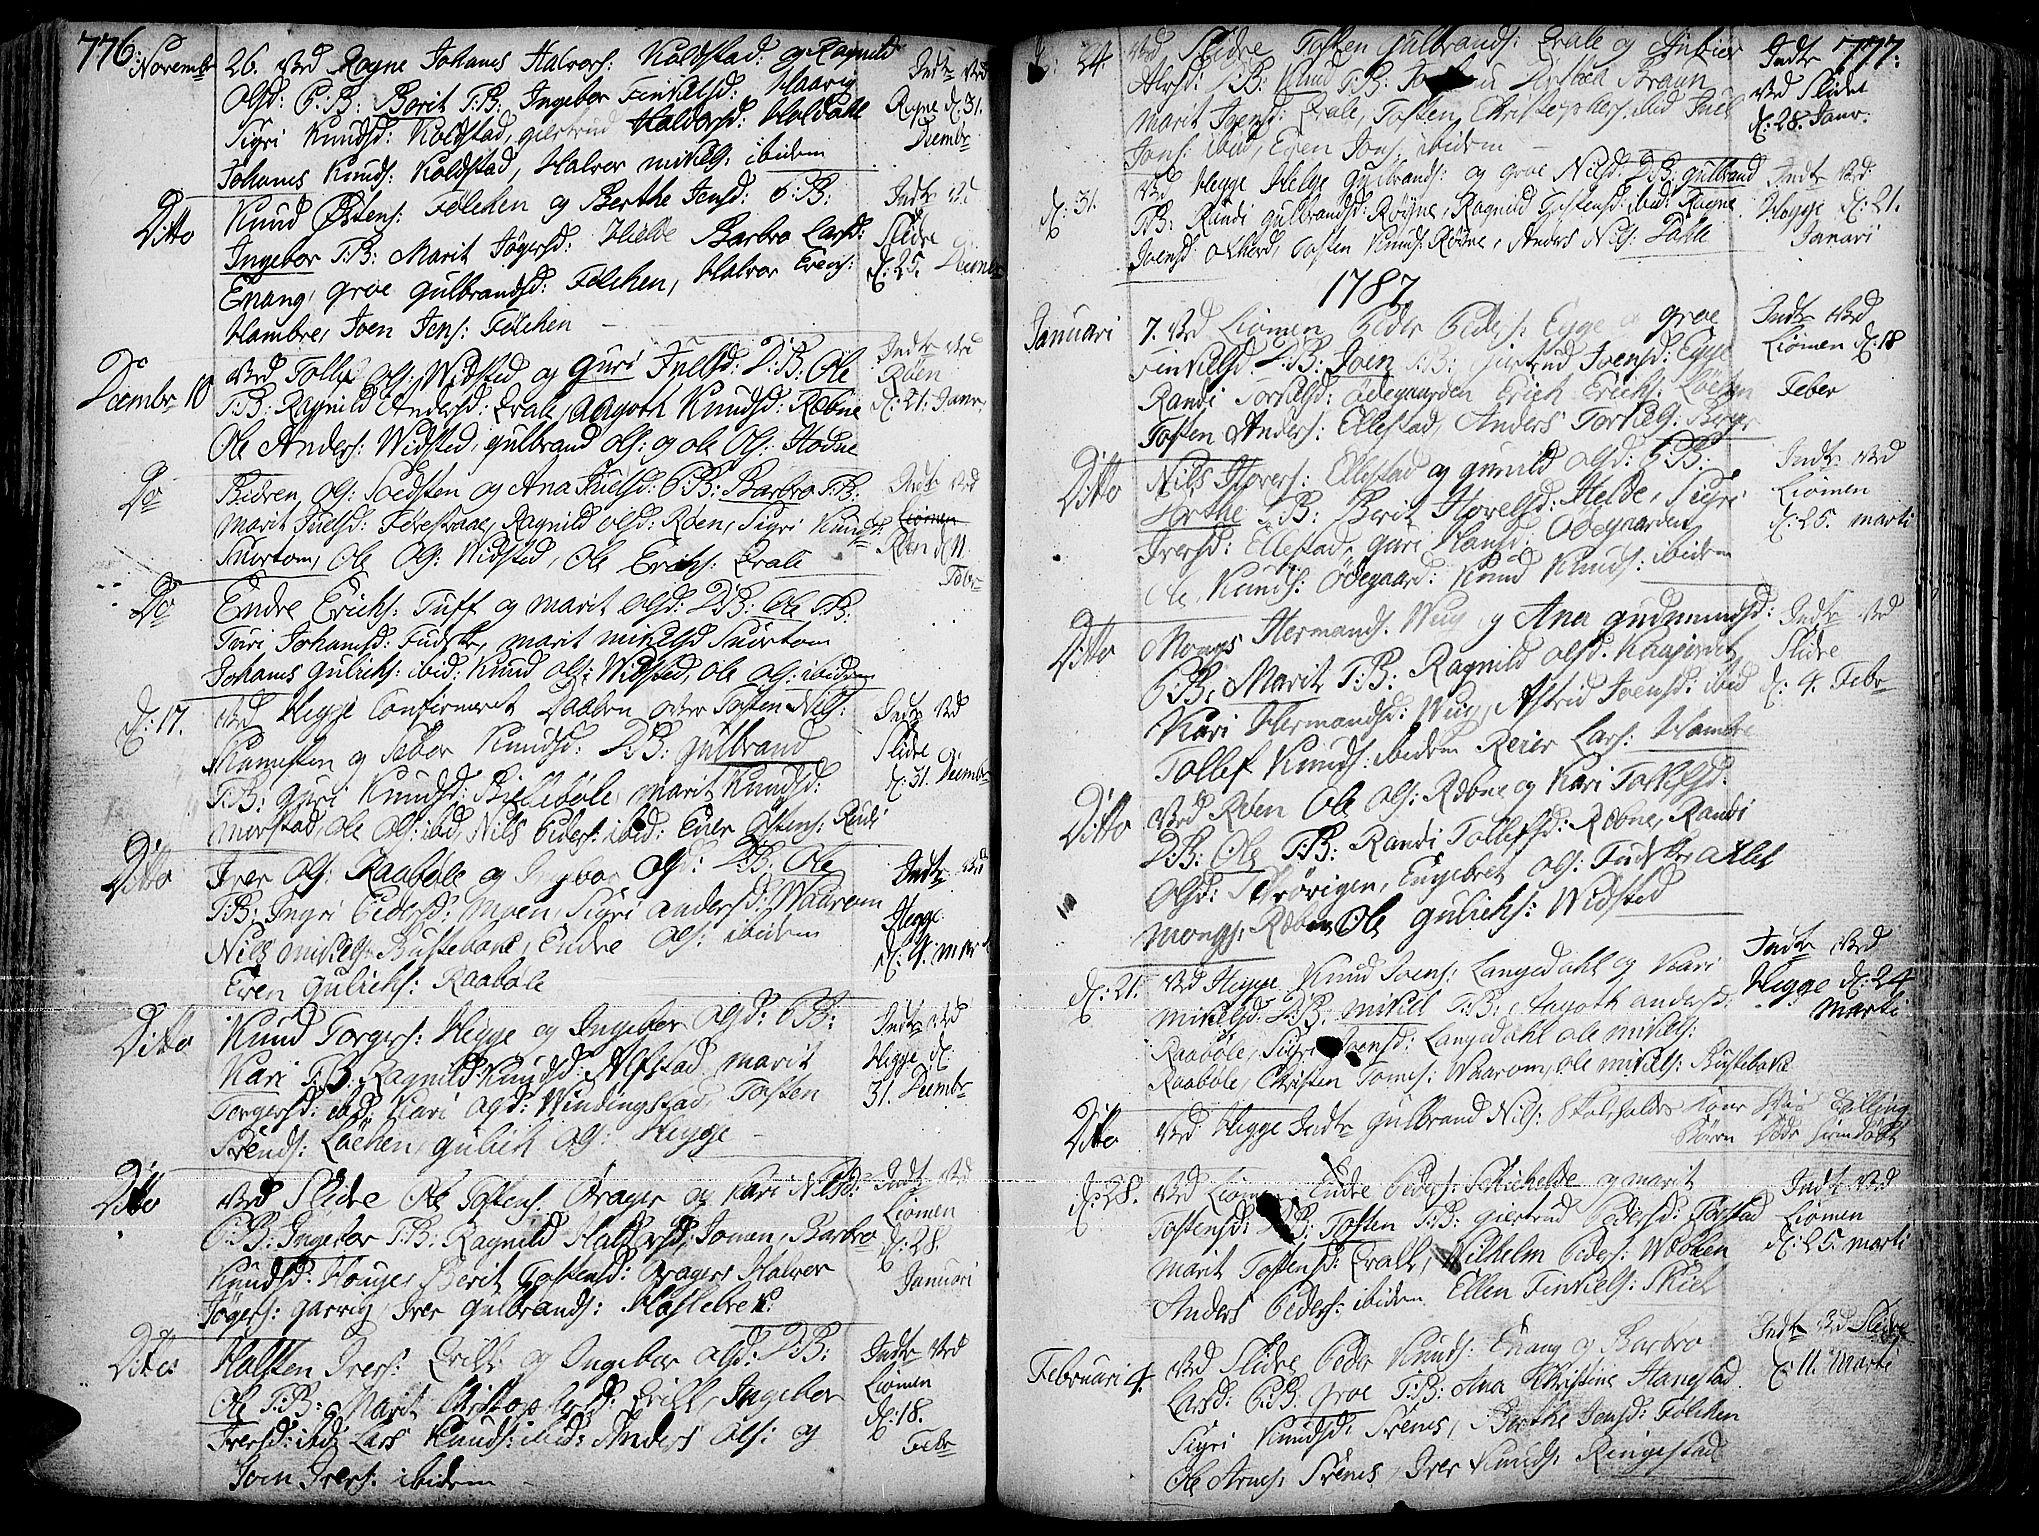 SAH, Slidre prestekontor, Ministerialbok nr. 1, 1724-1814, s. 776-777